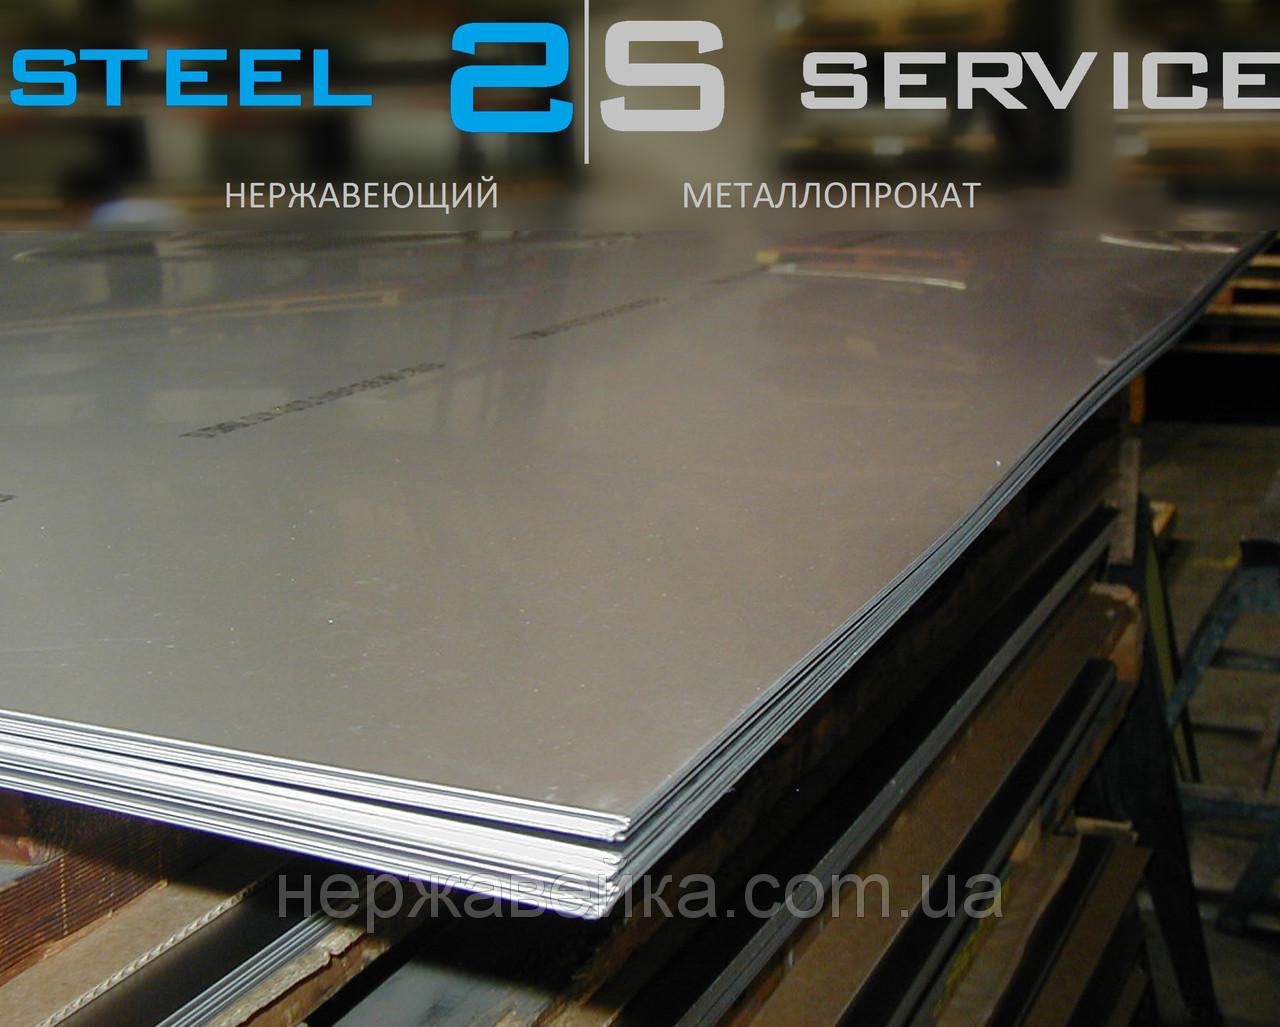 Нержавейка лист 40х1000х2000мм  AISI 321(08Х18Н10Т) F1 - горячекатанный,  пищевой